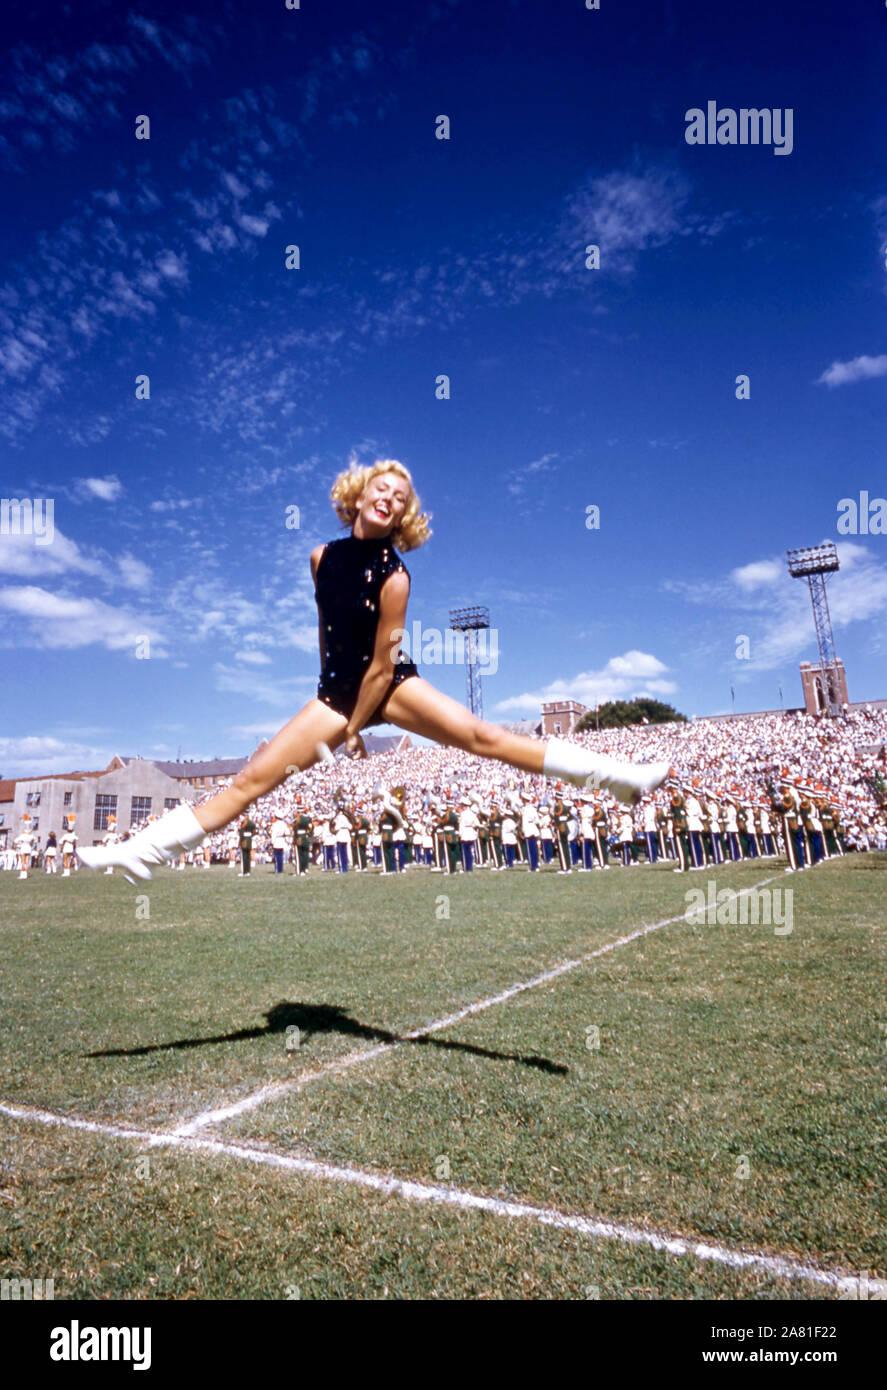 ATLANTA, GA - 17 DE SEPTIEMBRE: UNA porra twirler bailes en el campo como los Huracanes de Miami band realiza durante el descanso entre un juego de NCAA con los Huracanes de Miami y Georgia Tech Yellow Jackets, el 17 de septiembre de 1955 en el Grant Field en la ciudad de Atlanta, Georgia. Los Yellow Jackets derrotaron a los huracanes 14-6. (Foto por Hy Peskin) (número de registro: X3090) Foto de stock